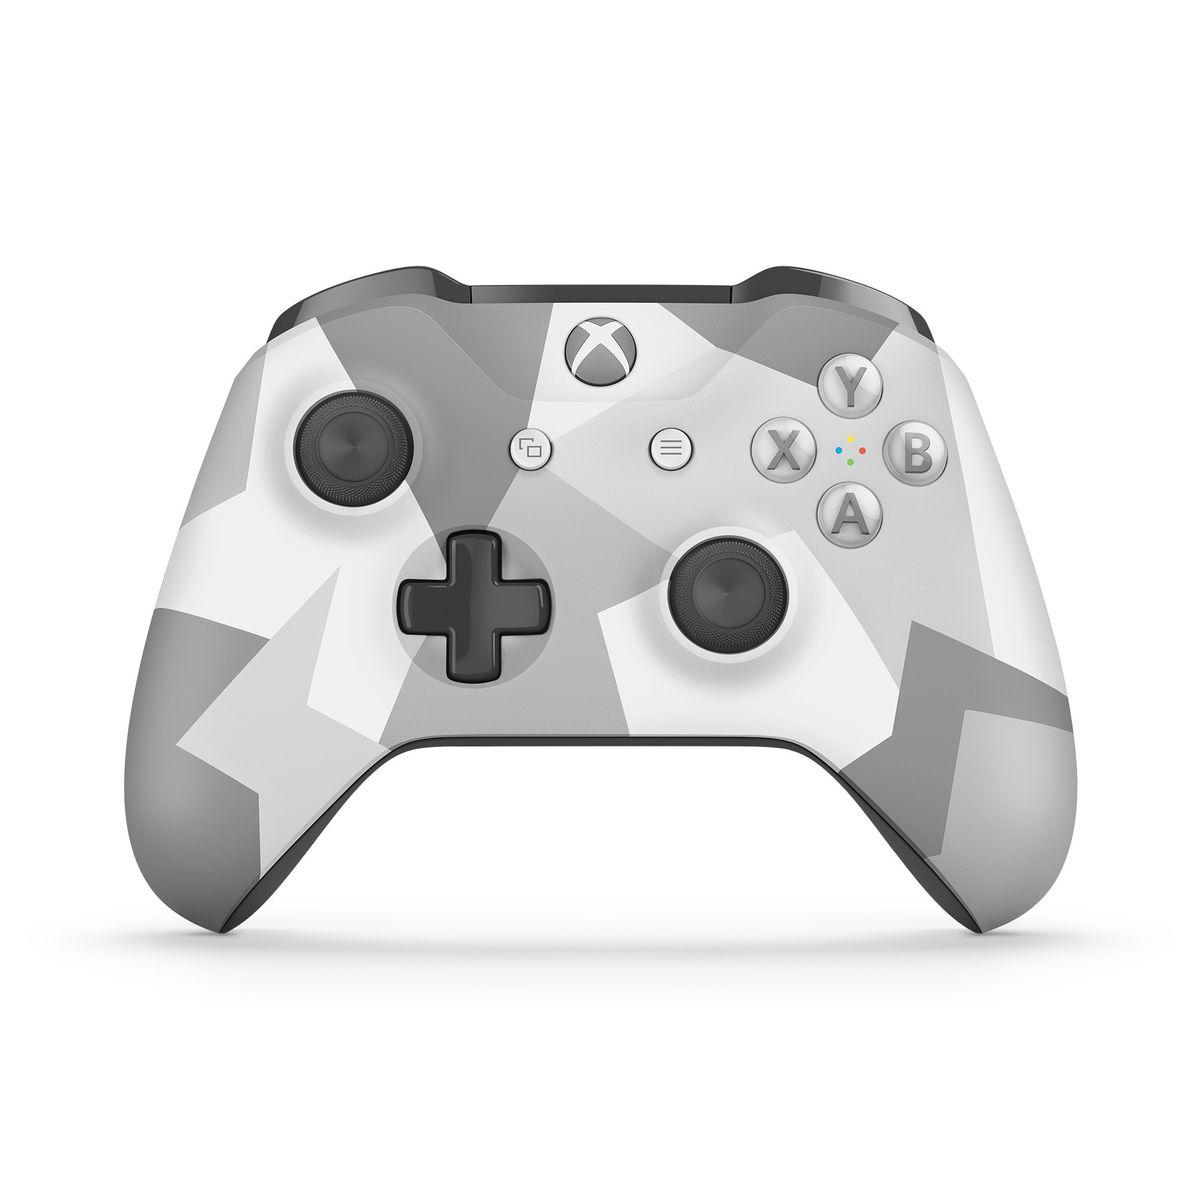 Xbox One Wireless Controller - White/Grey Camo (Xbox One). Loading zoom